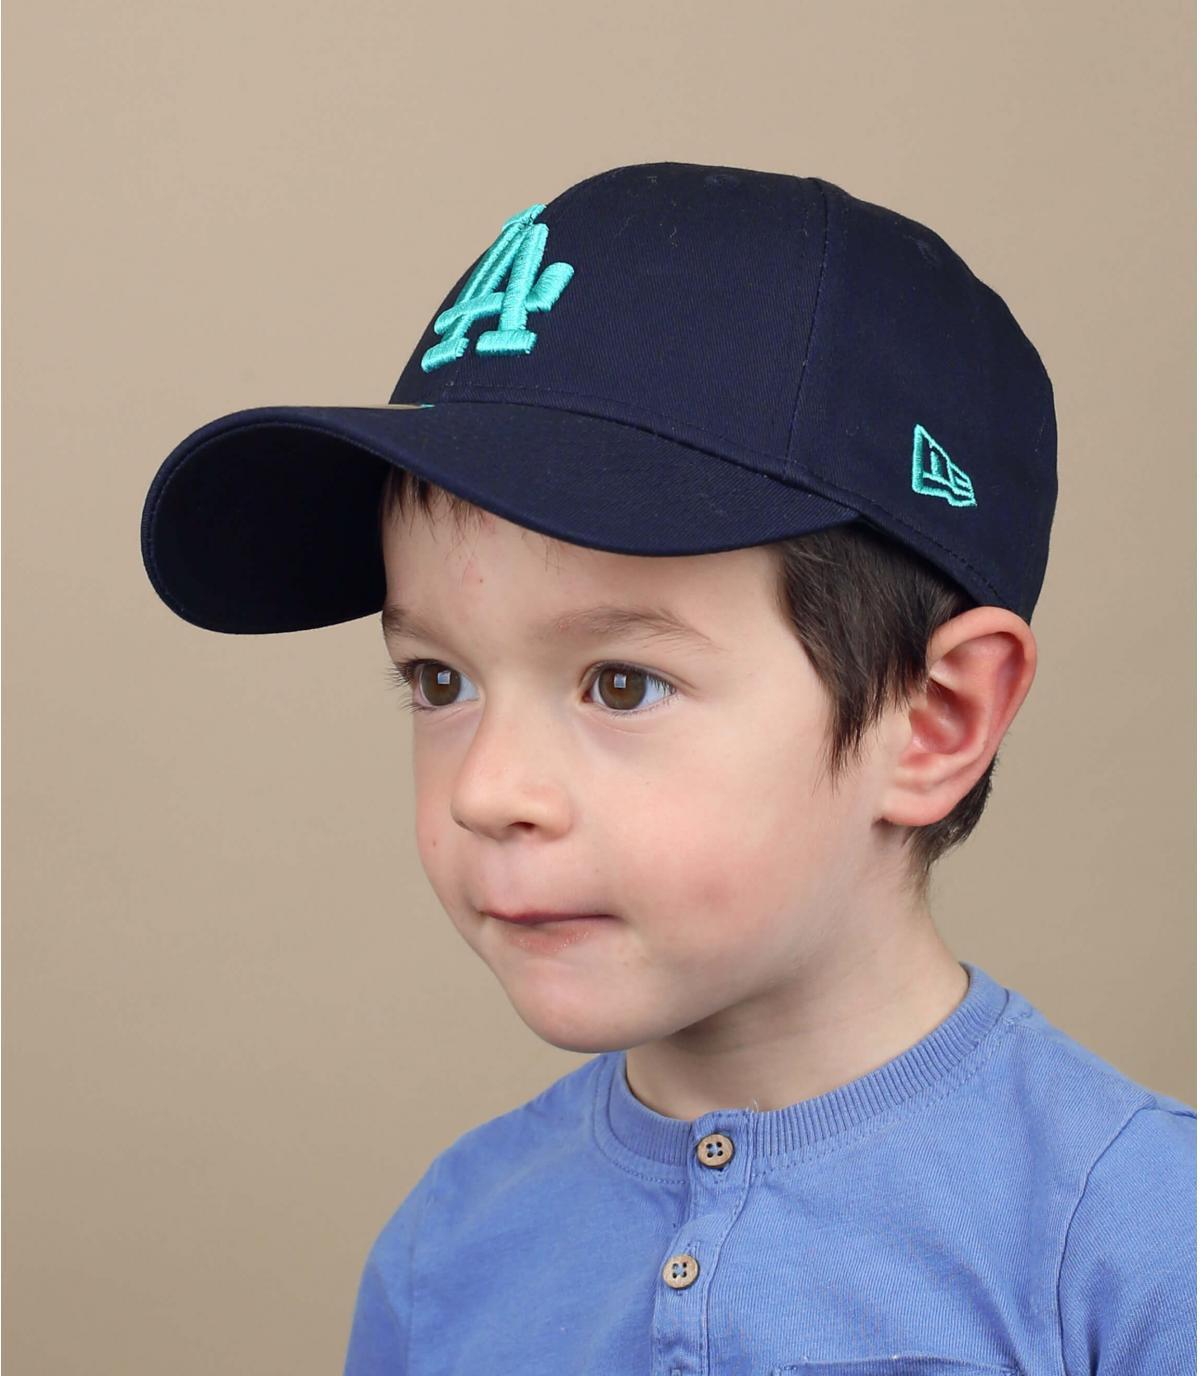 casquette LA enfant bleu